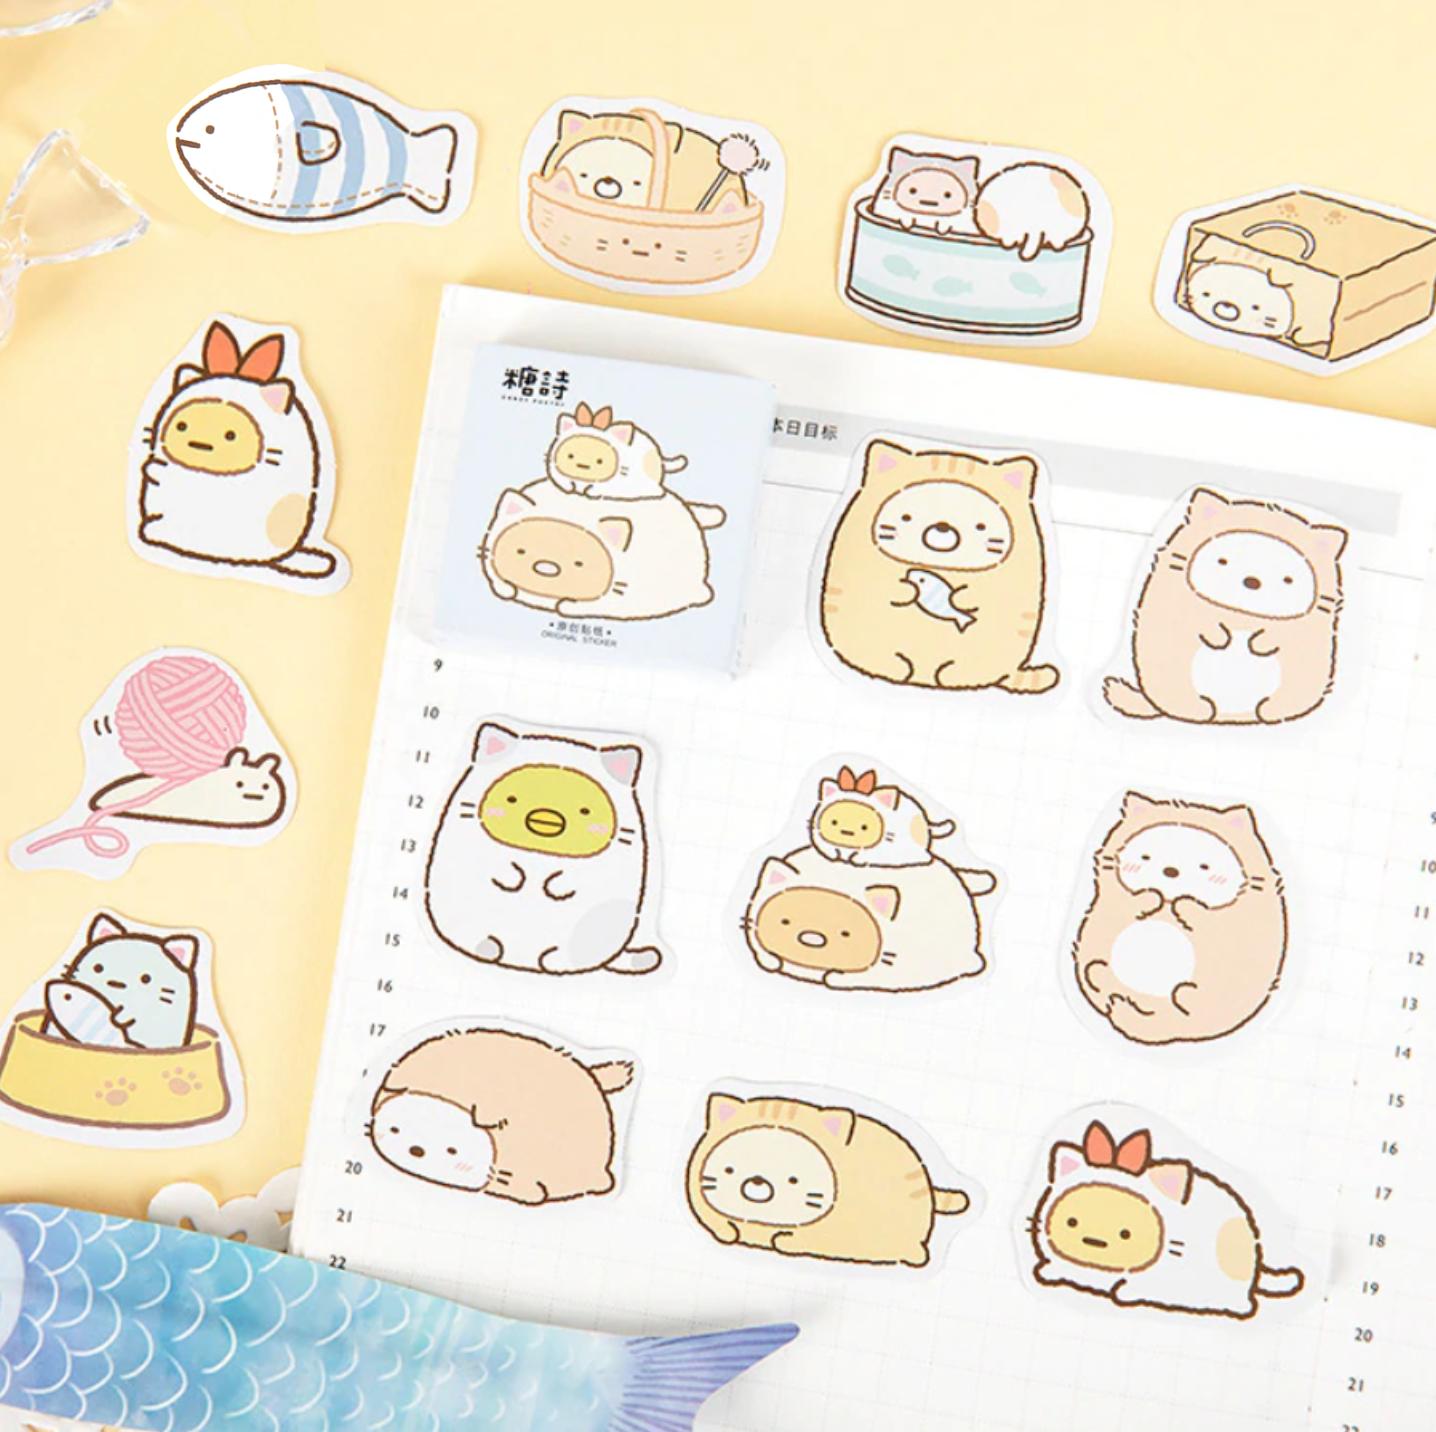 Sumikko Gurashi Paper Stickers Diy Planner Stickers Planner Stickers Etsy Cat Stickers